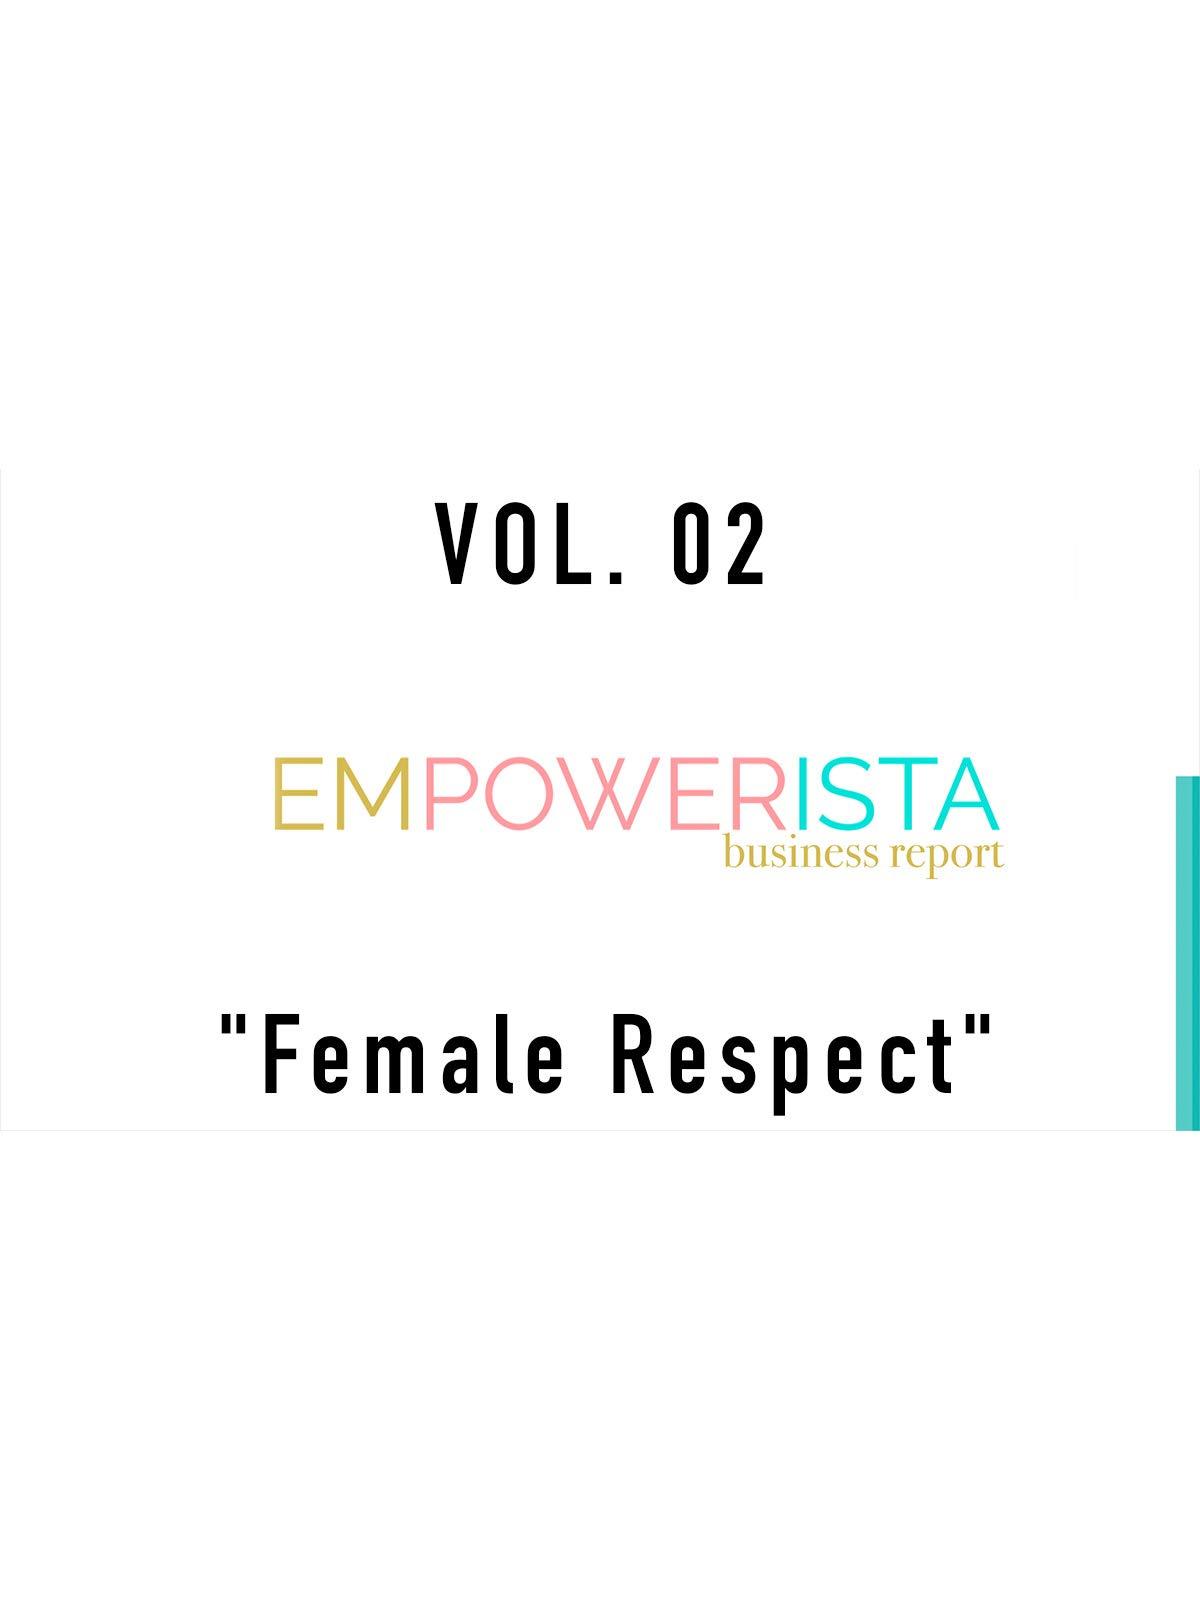 Empowerista Vol. 02